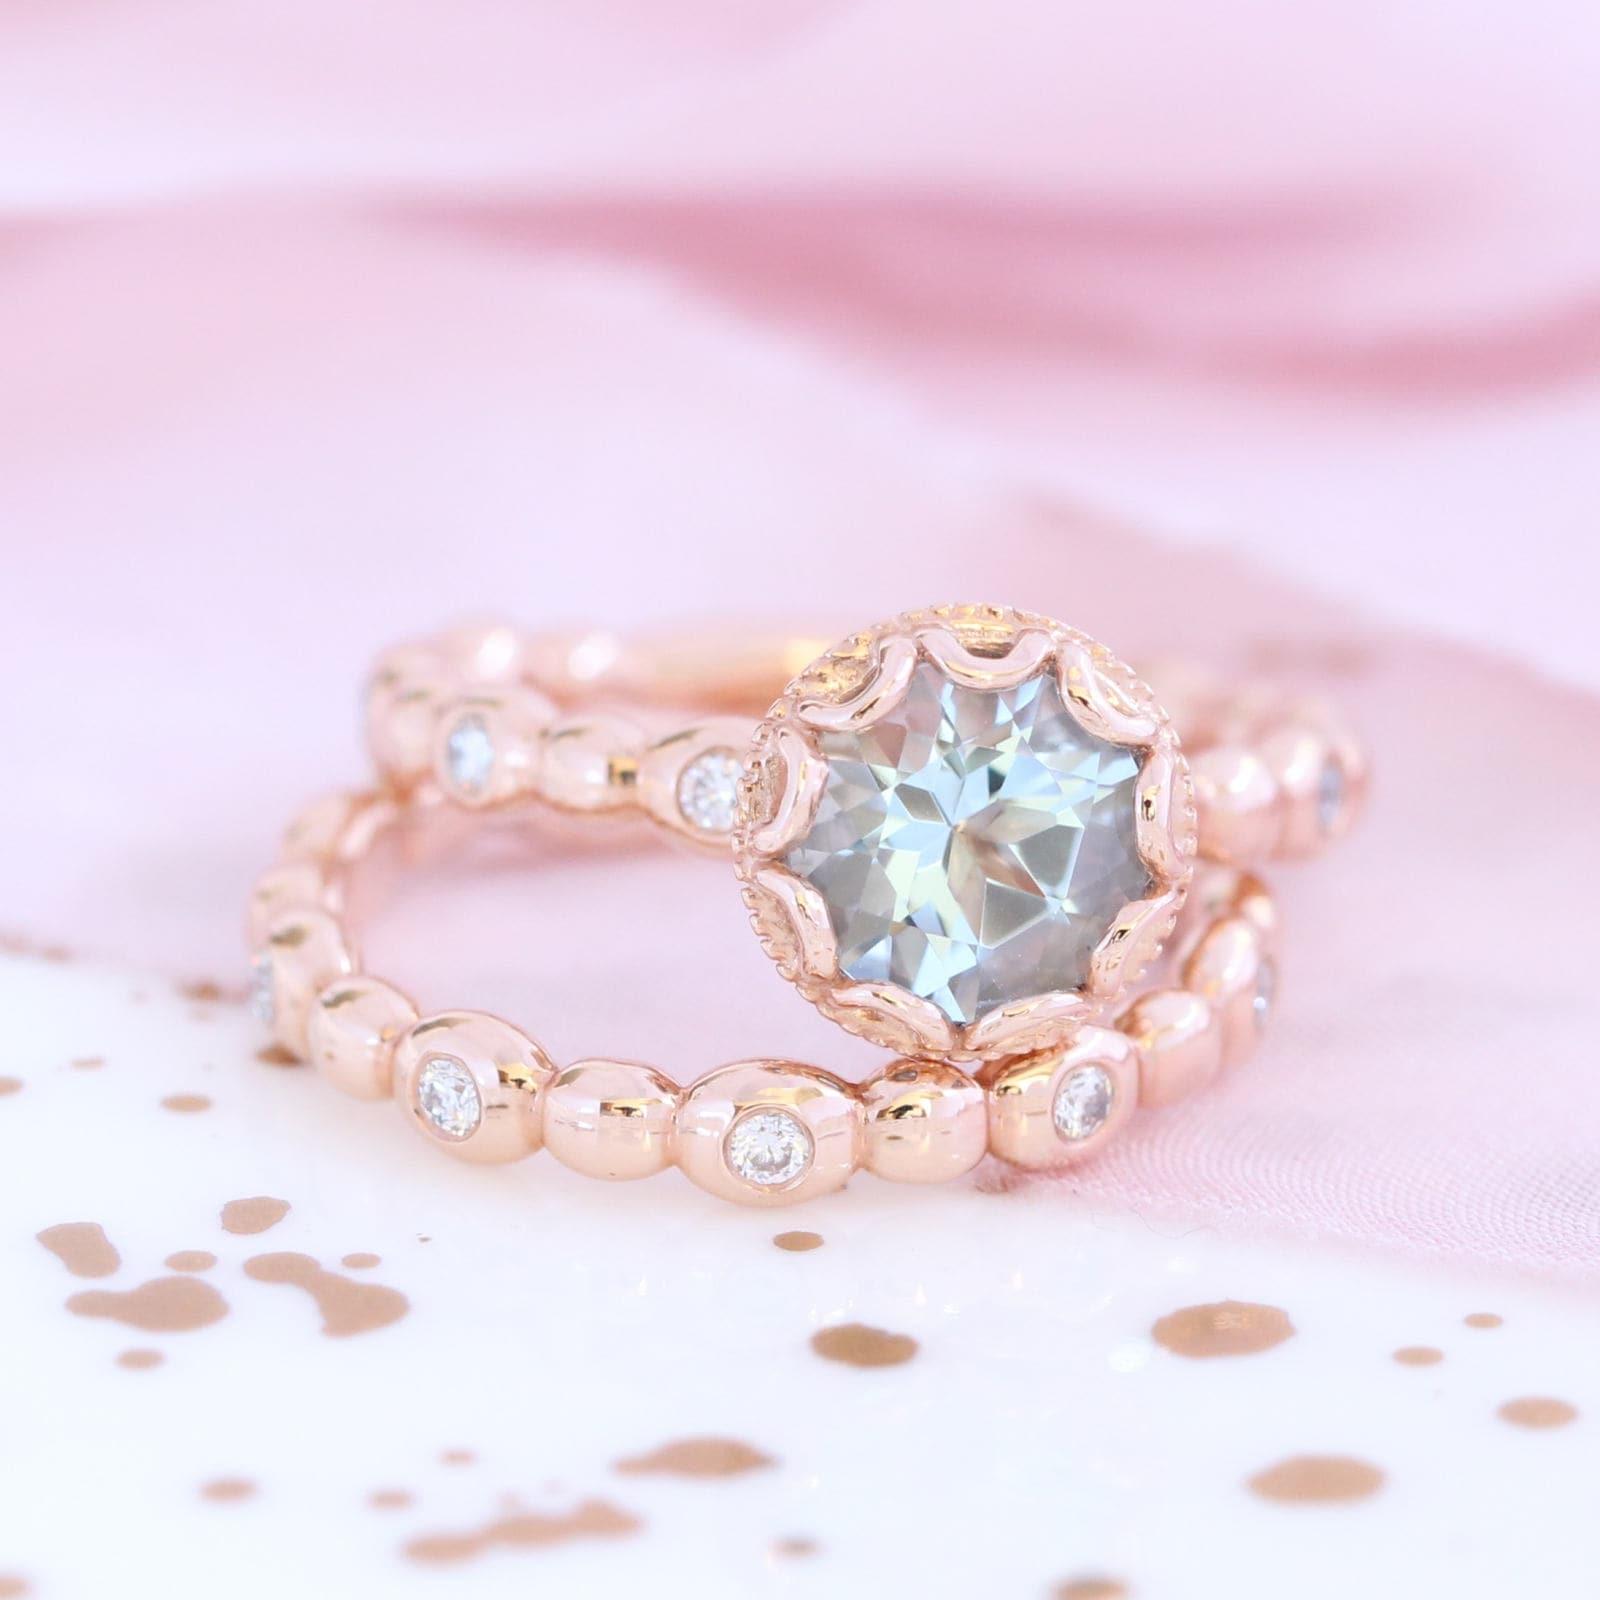 Floral Aquamarine Engagement Ring Bridal Set in 14k Rose Gold